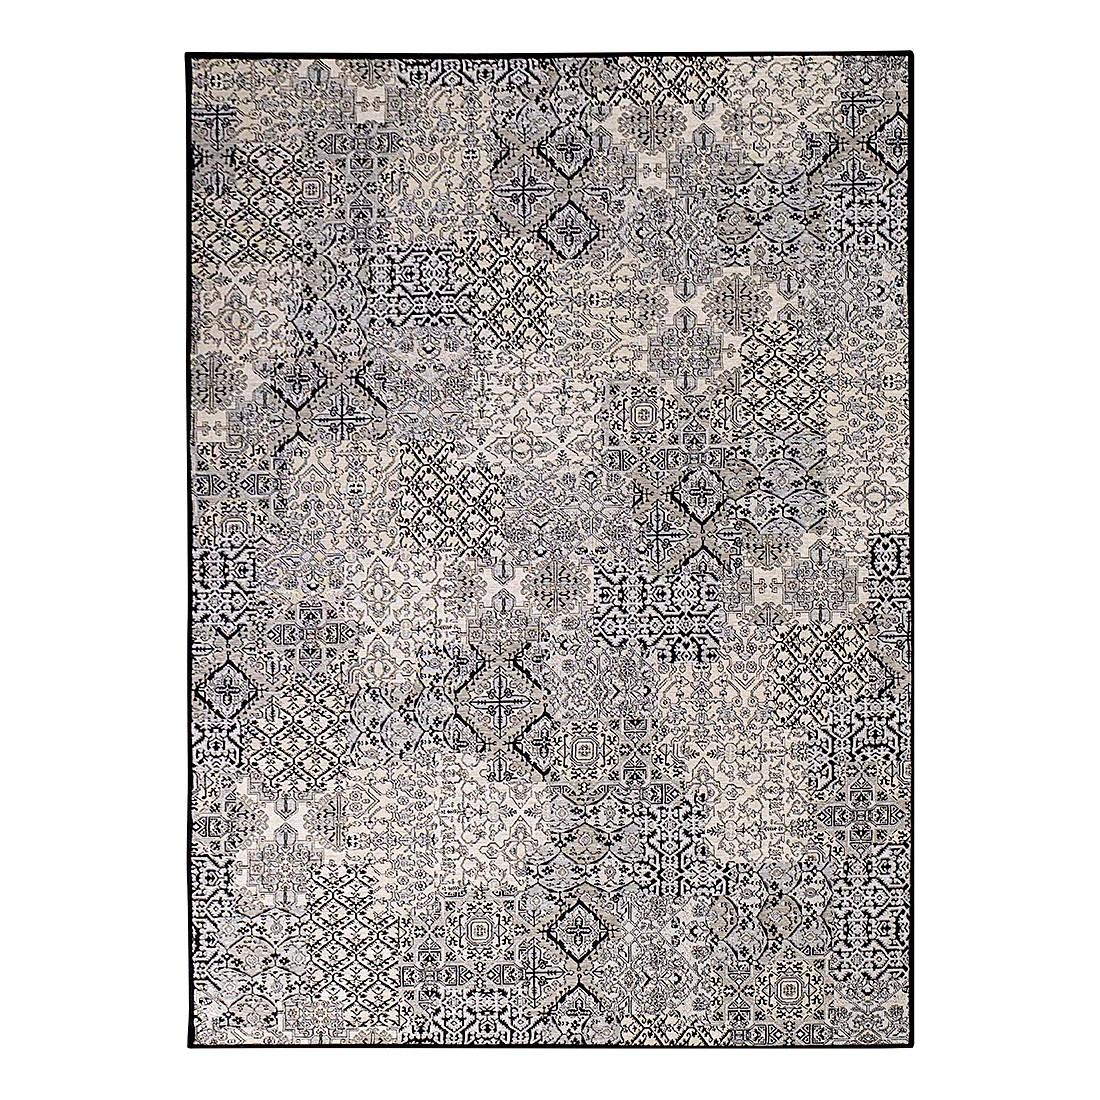 teppich ornamente beige 140 x 200 cm sch ngeist petersen jetzt kaufen. Black Bedroom Furniture Sets. Home Design Ideas